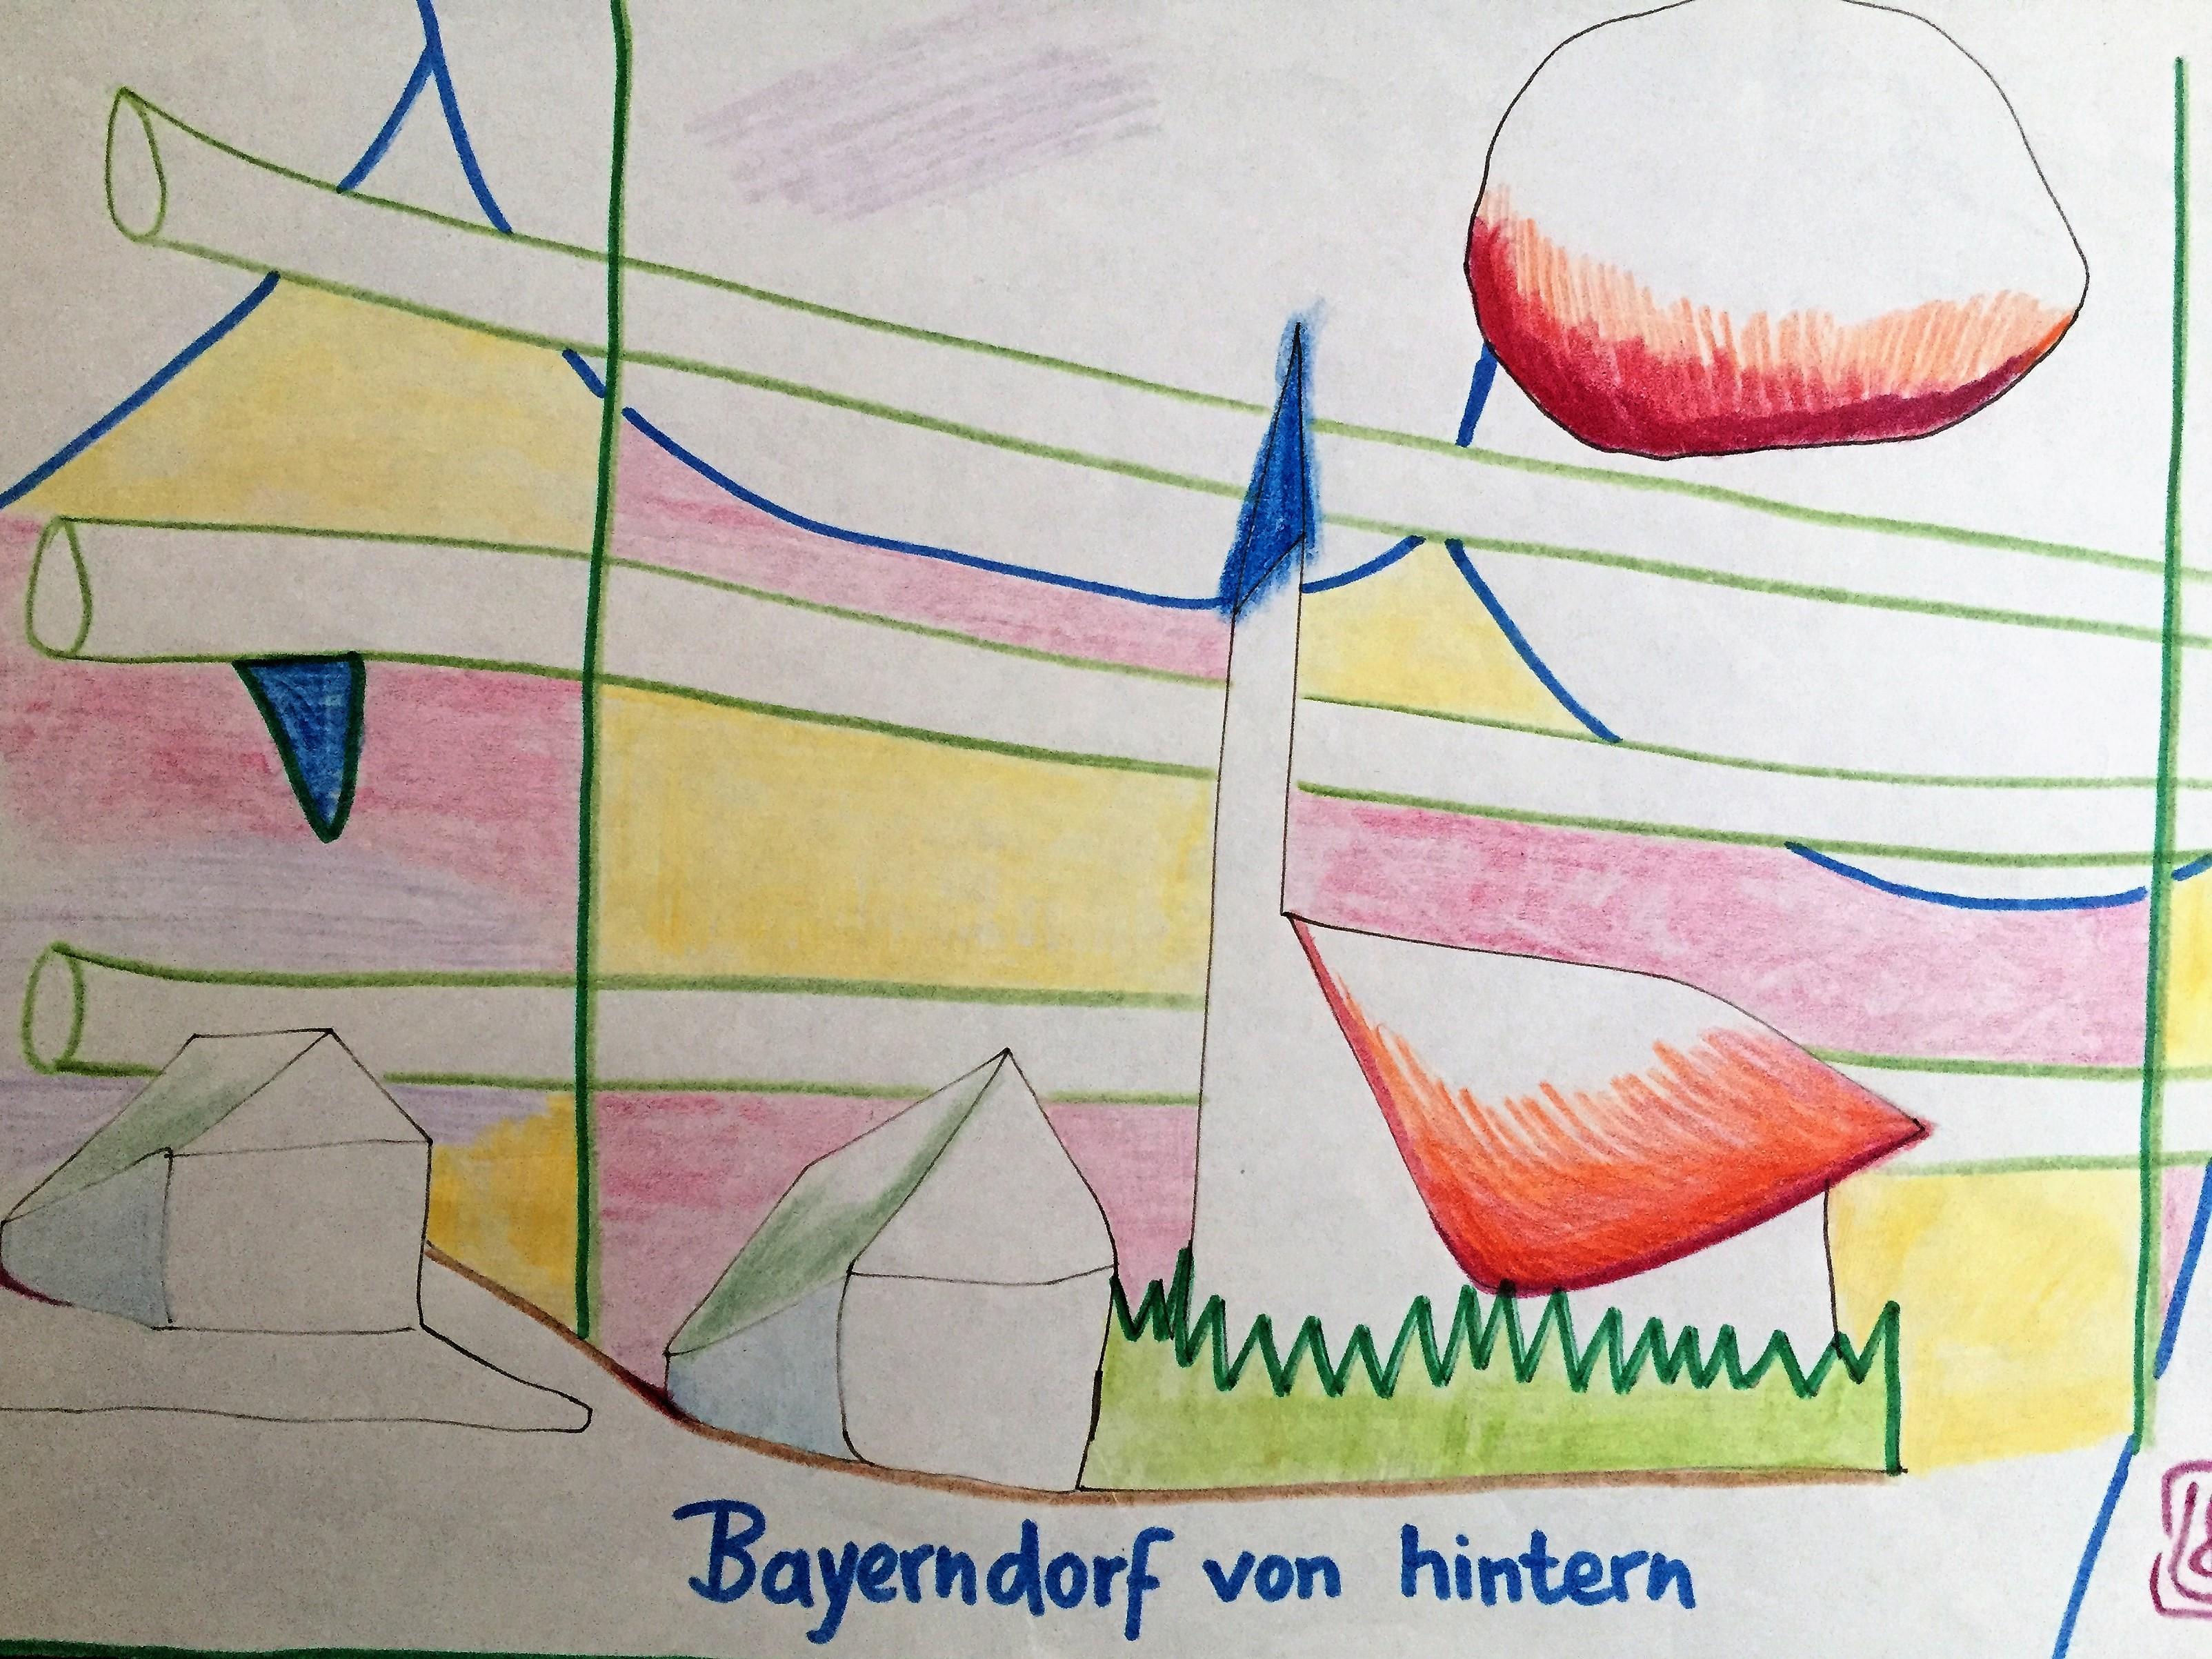 Bayern von hintern 1986